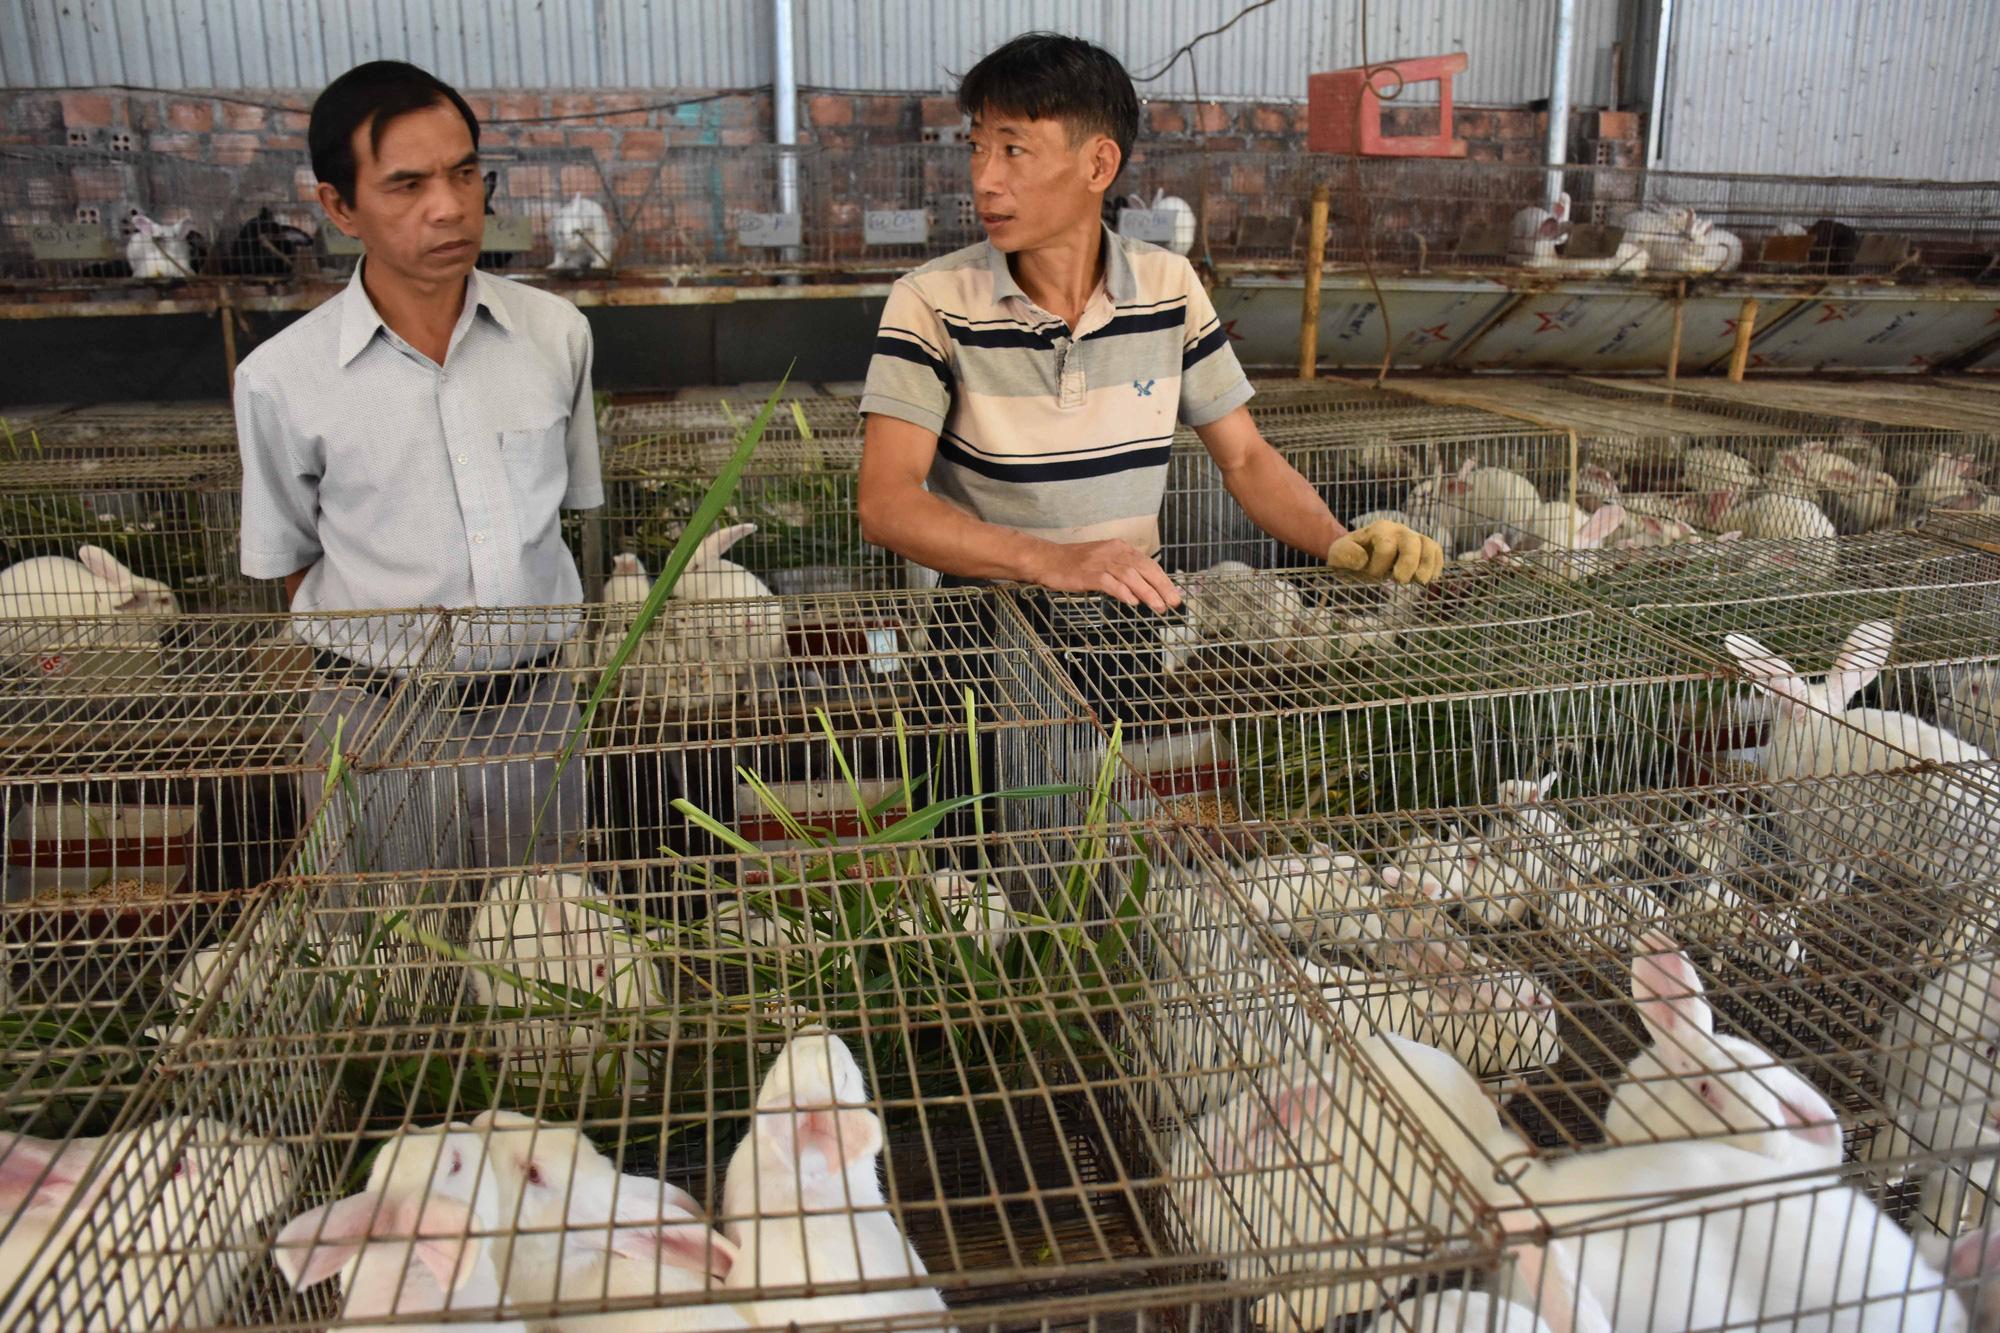 Lão nông chân đất mày mò nuôi giống thỏ Úc, thu nửa tỷ đồng/năm - Ảnh 4.